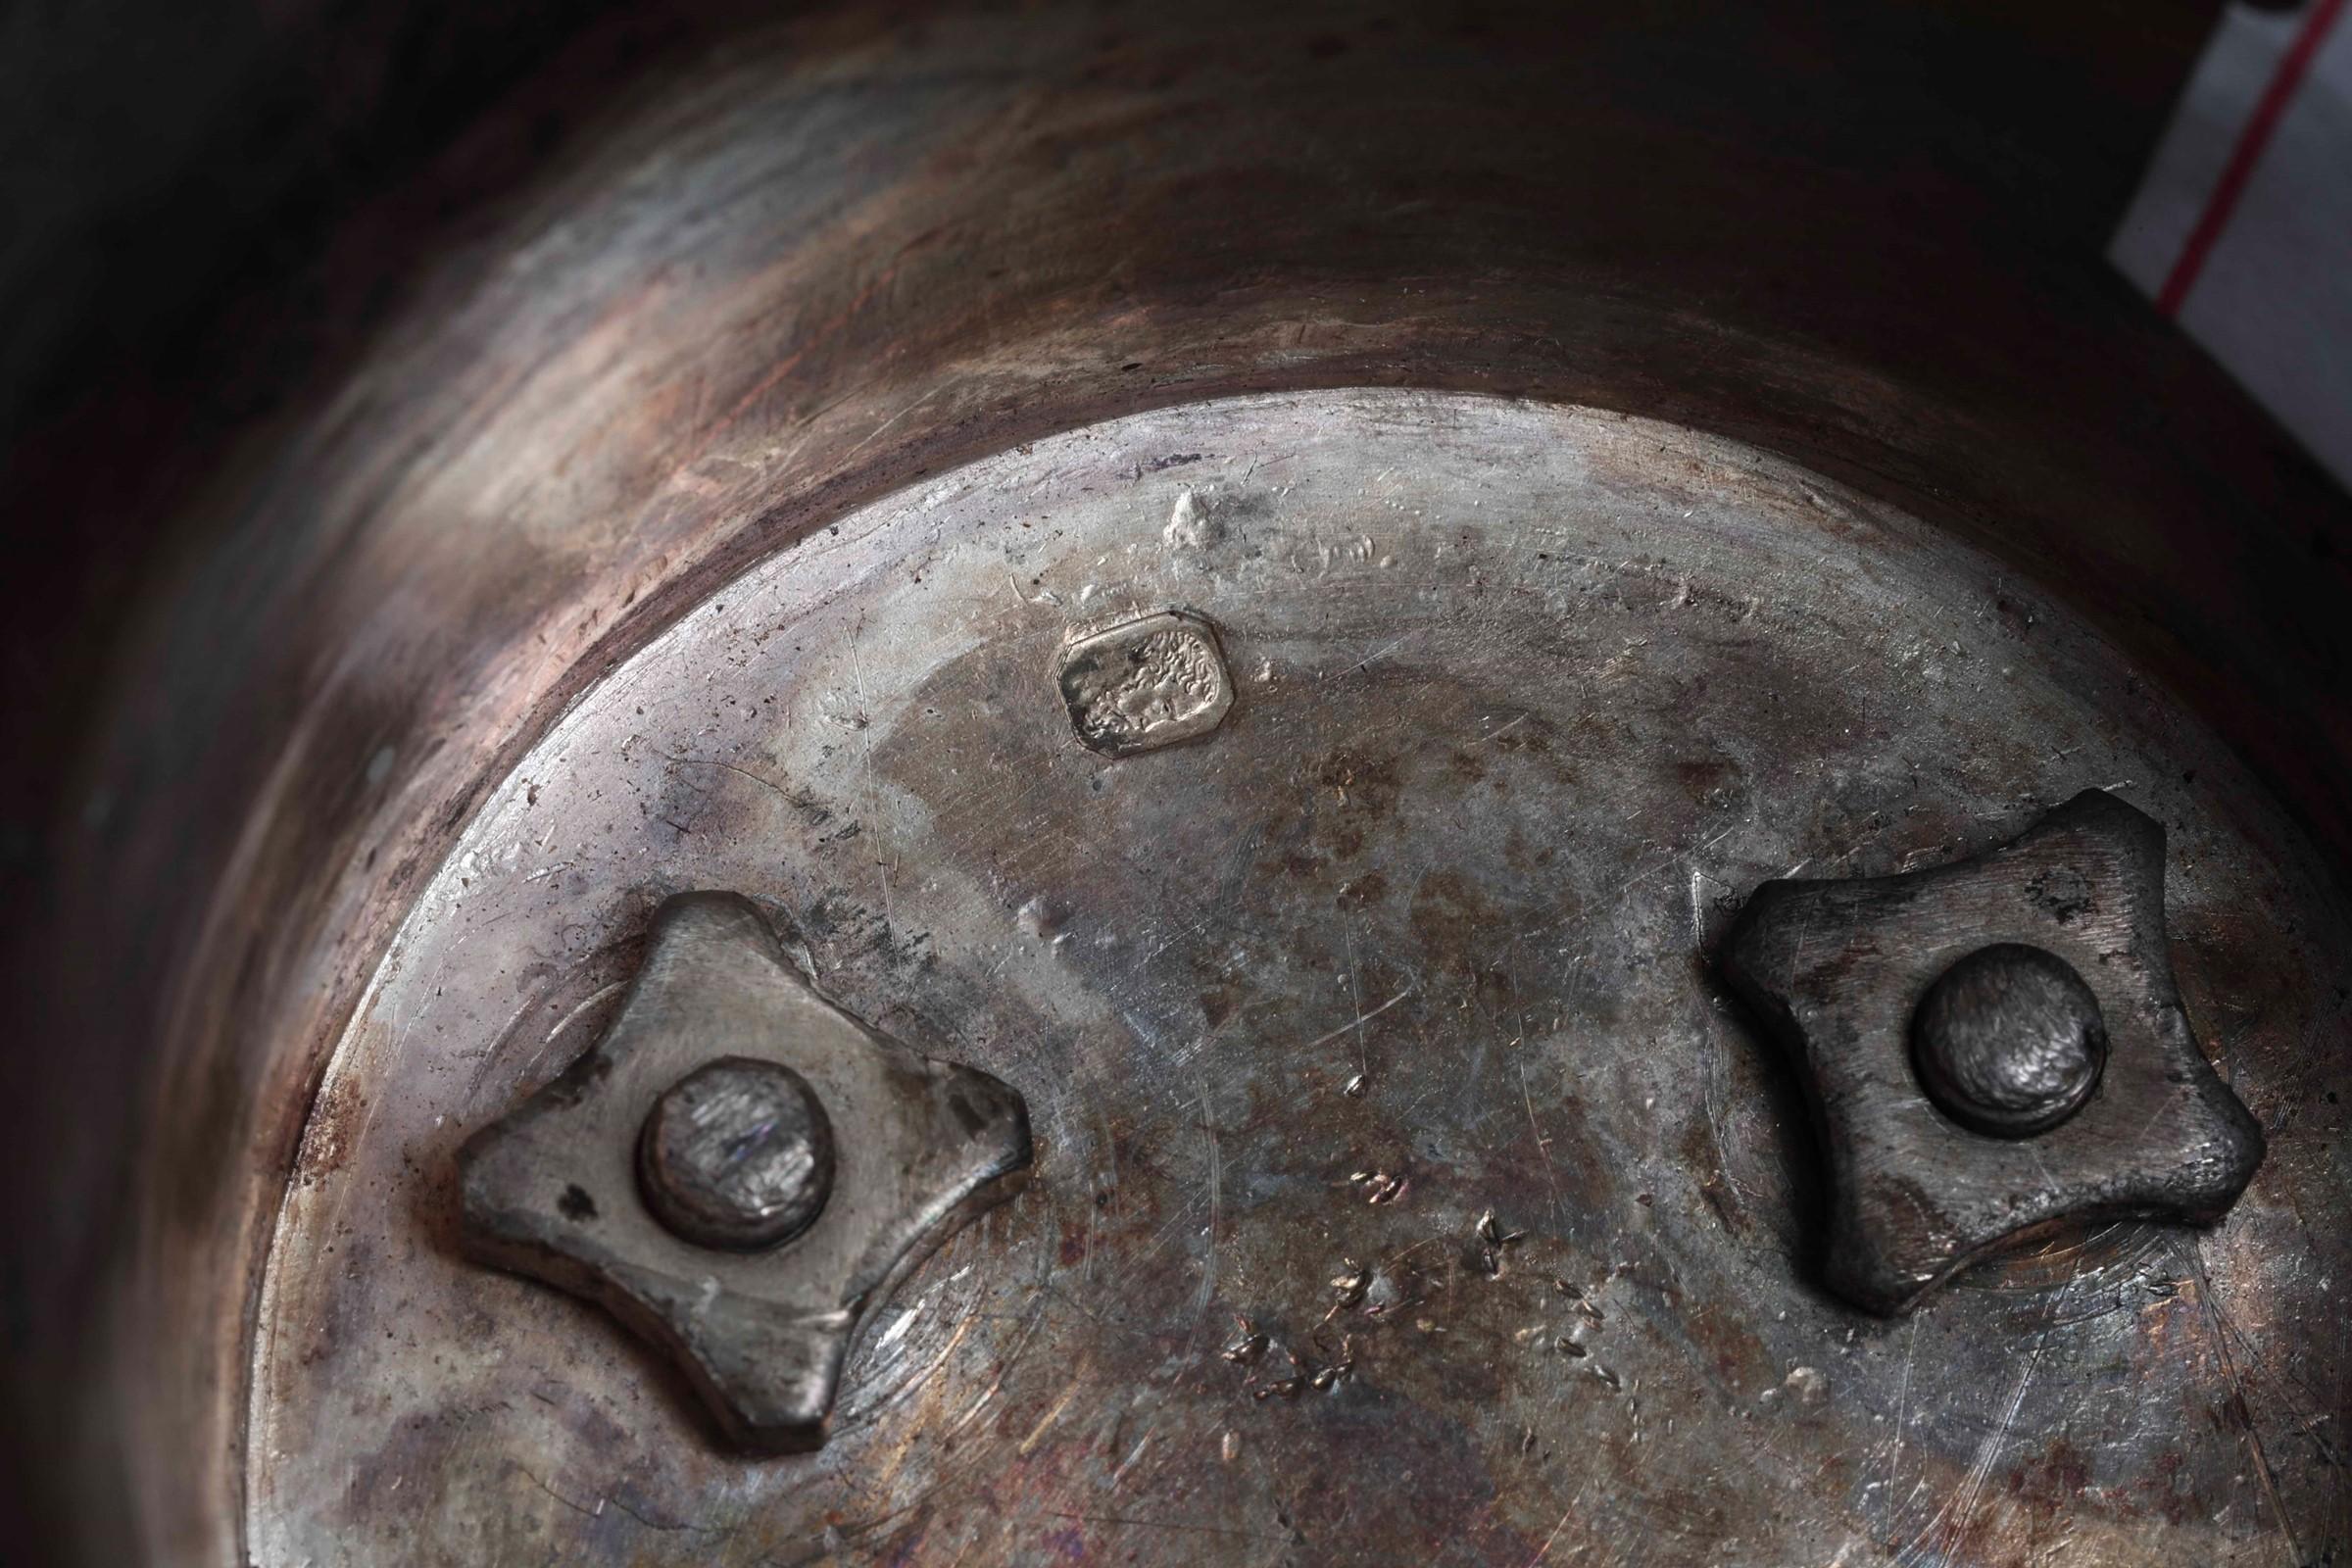 Coppa con coperchio in argento primo titolo fuso, sbalzato e cesellato. Parigi XIX [...] - Image 2 of 6